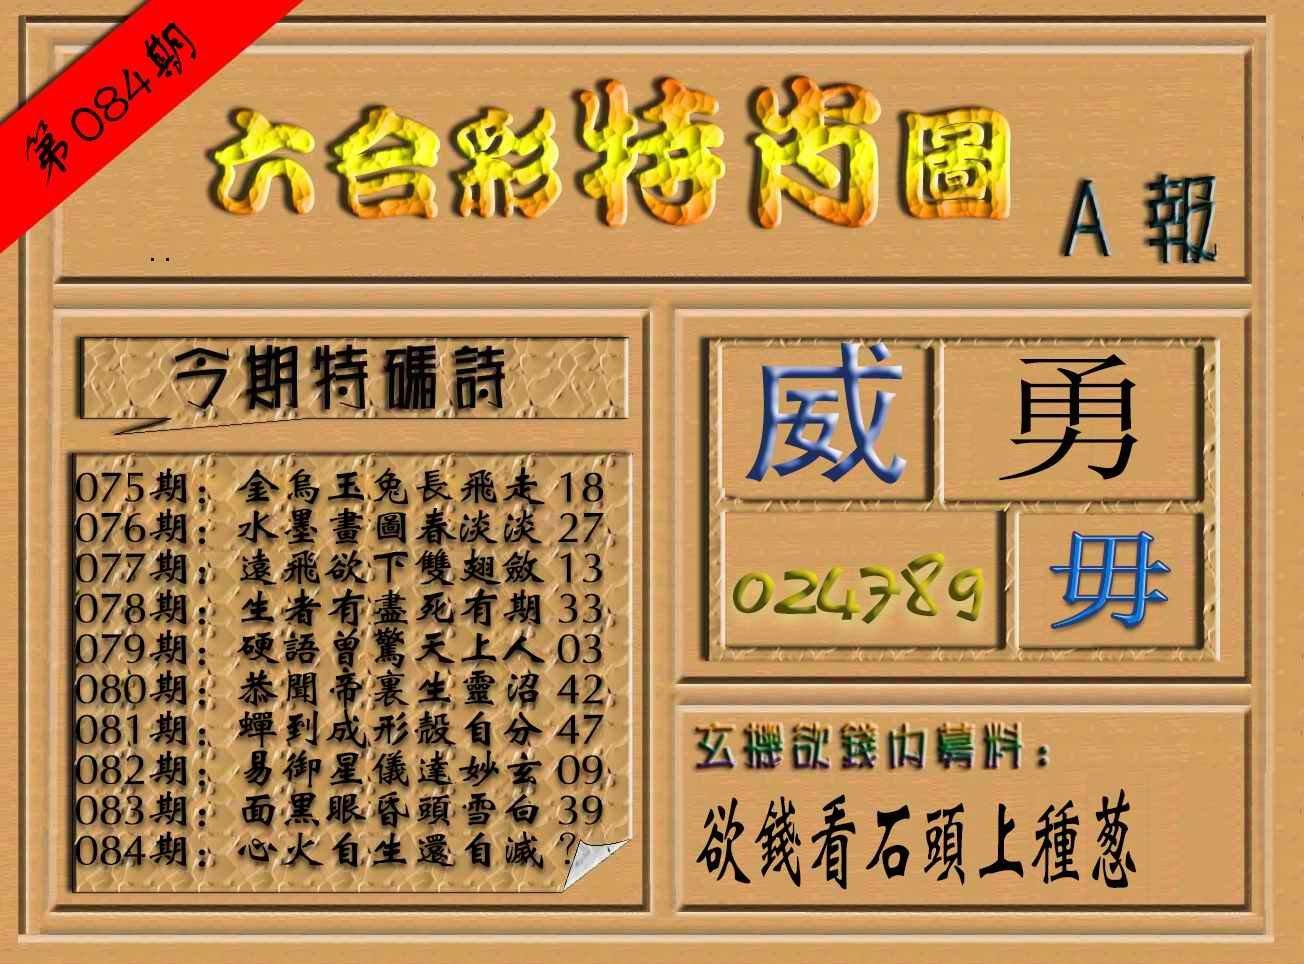 084期六合彩特肖图(A报)